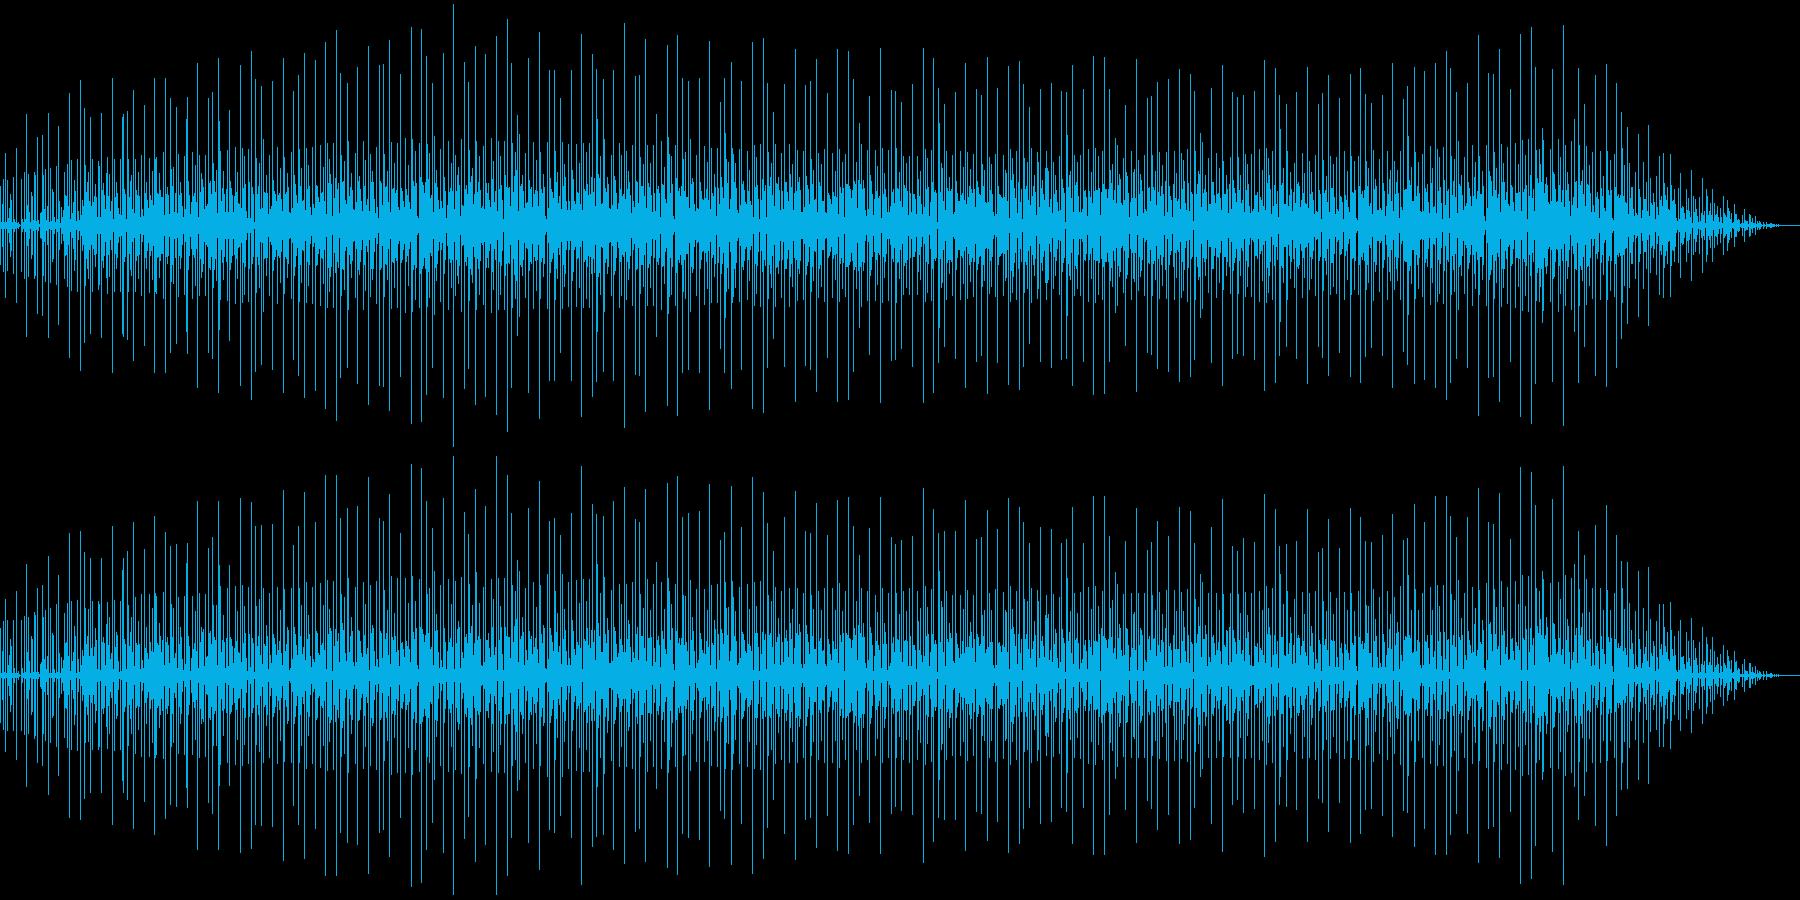 ゆったりとしたテンポのR&B調の曲の再生済みの波形